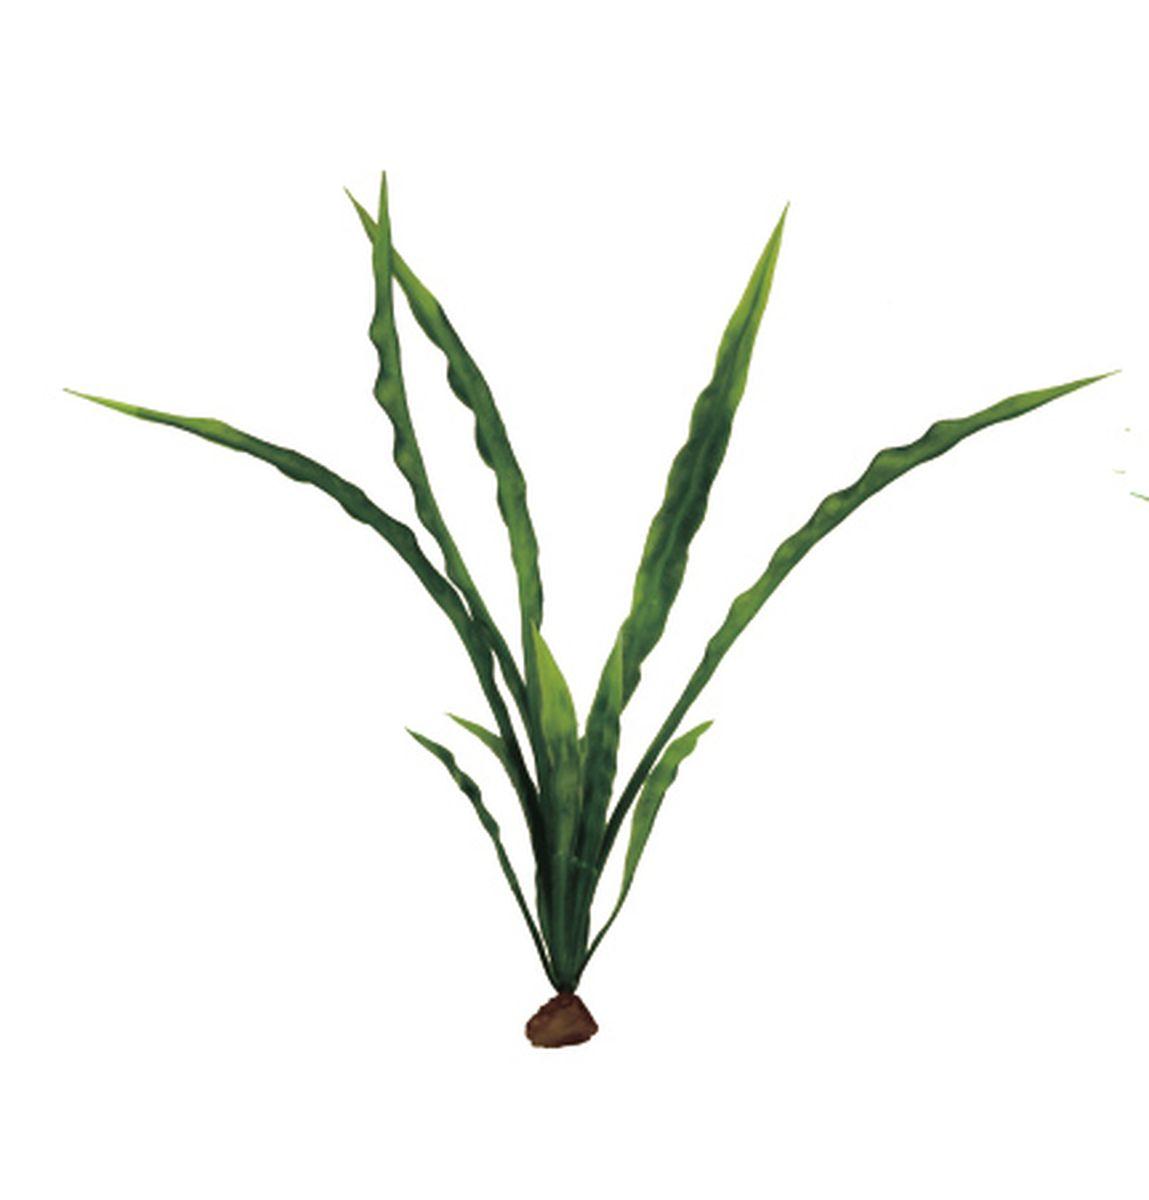 Растение для аквариума ArtUniq Криптокорина курчавая, 6 x 6 x 20 см0120710Композиция из искусственных растений ArtUniq превосходно украсит и оживит аквариум.Растения - это важная часть любой композиции, они помогут вдохнуть жизнь в ландшафт любого аквариума или террариума. А их сходствос природными порадует даже самых взыскательных ценителей.